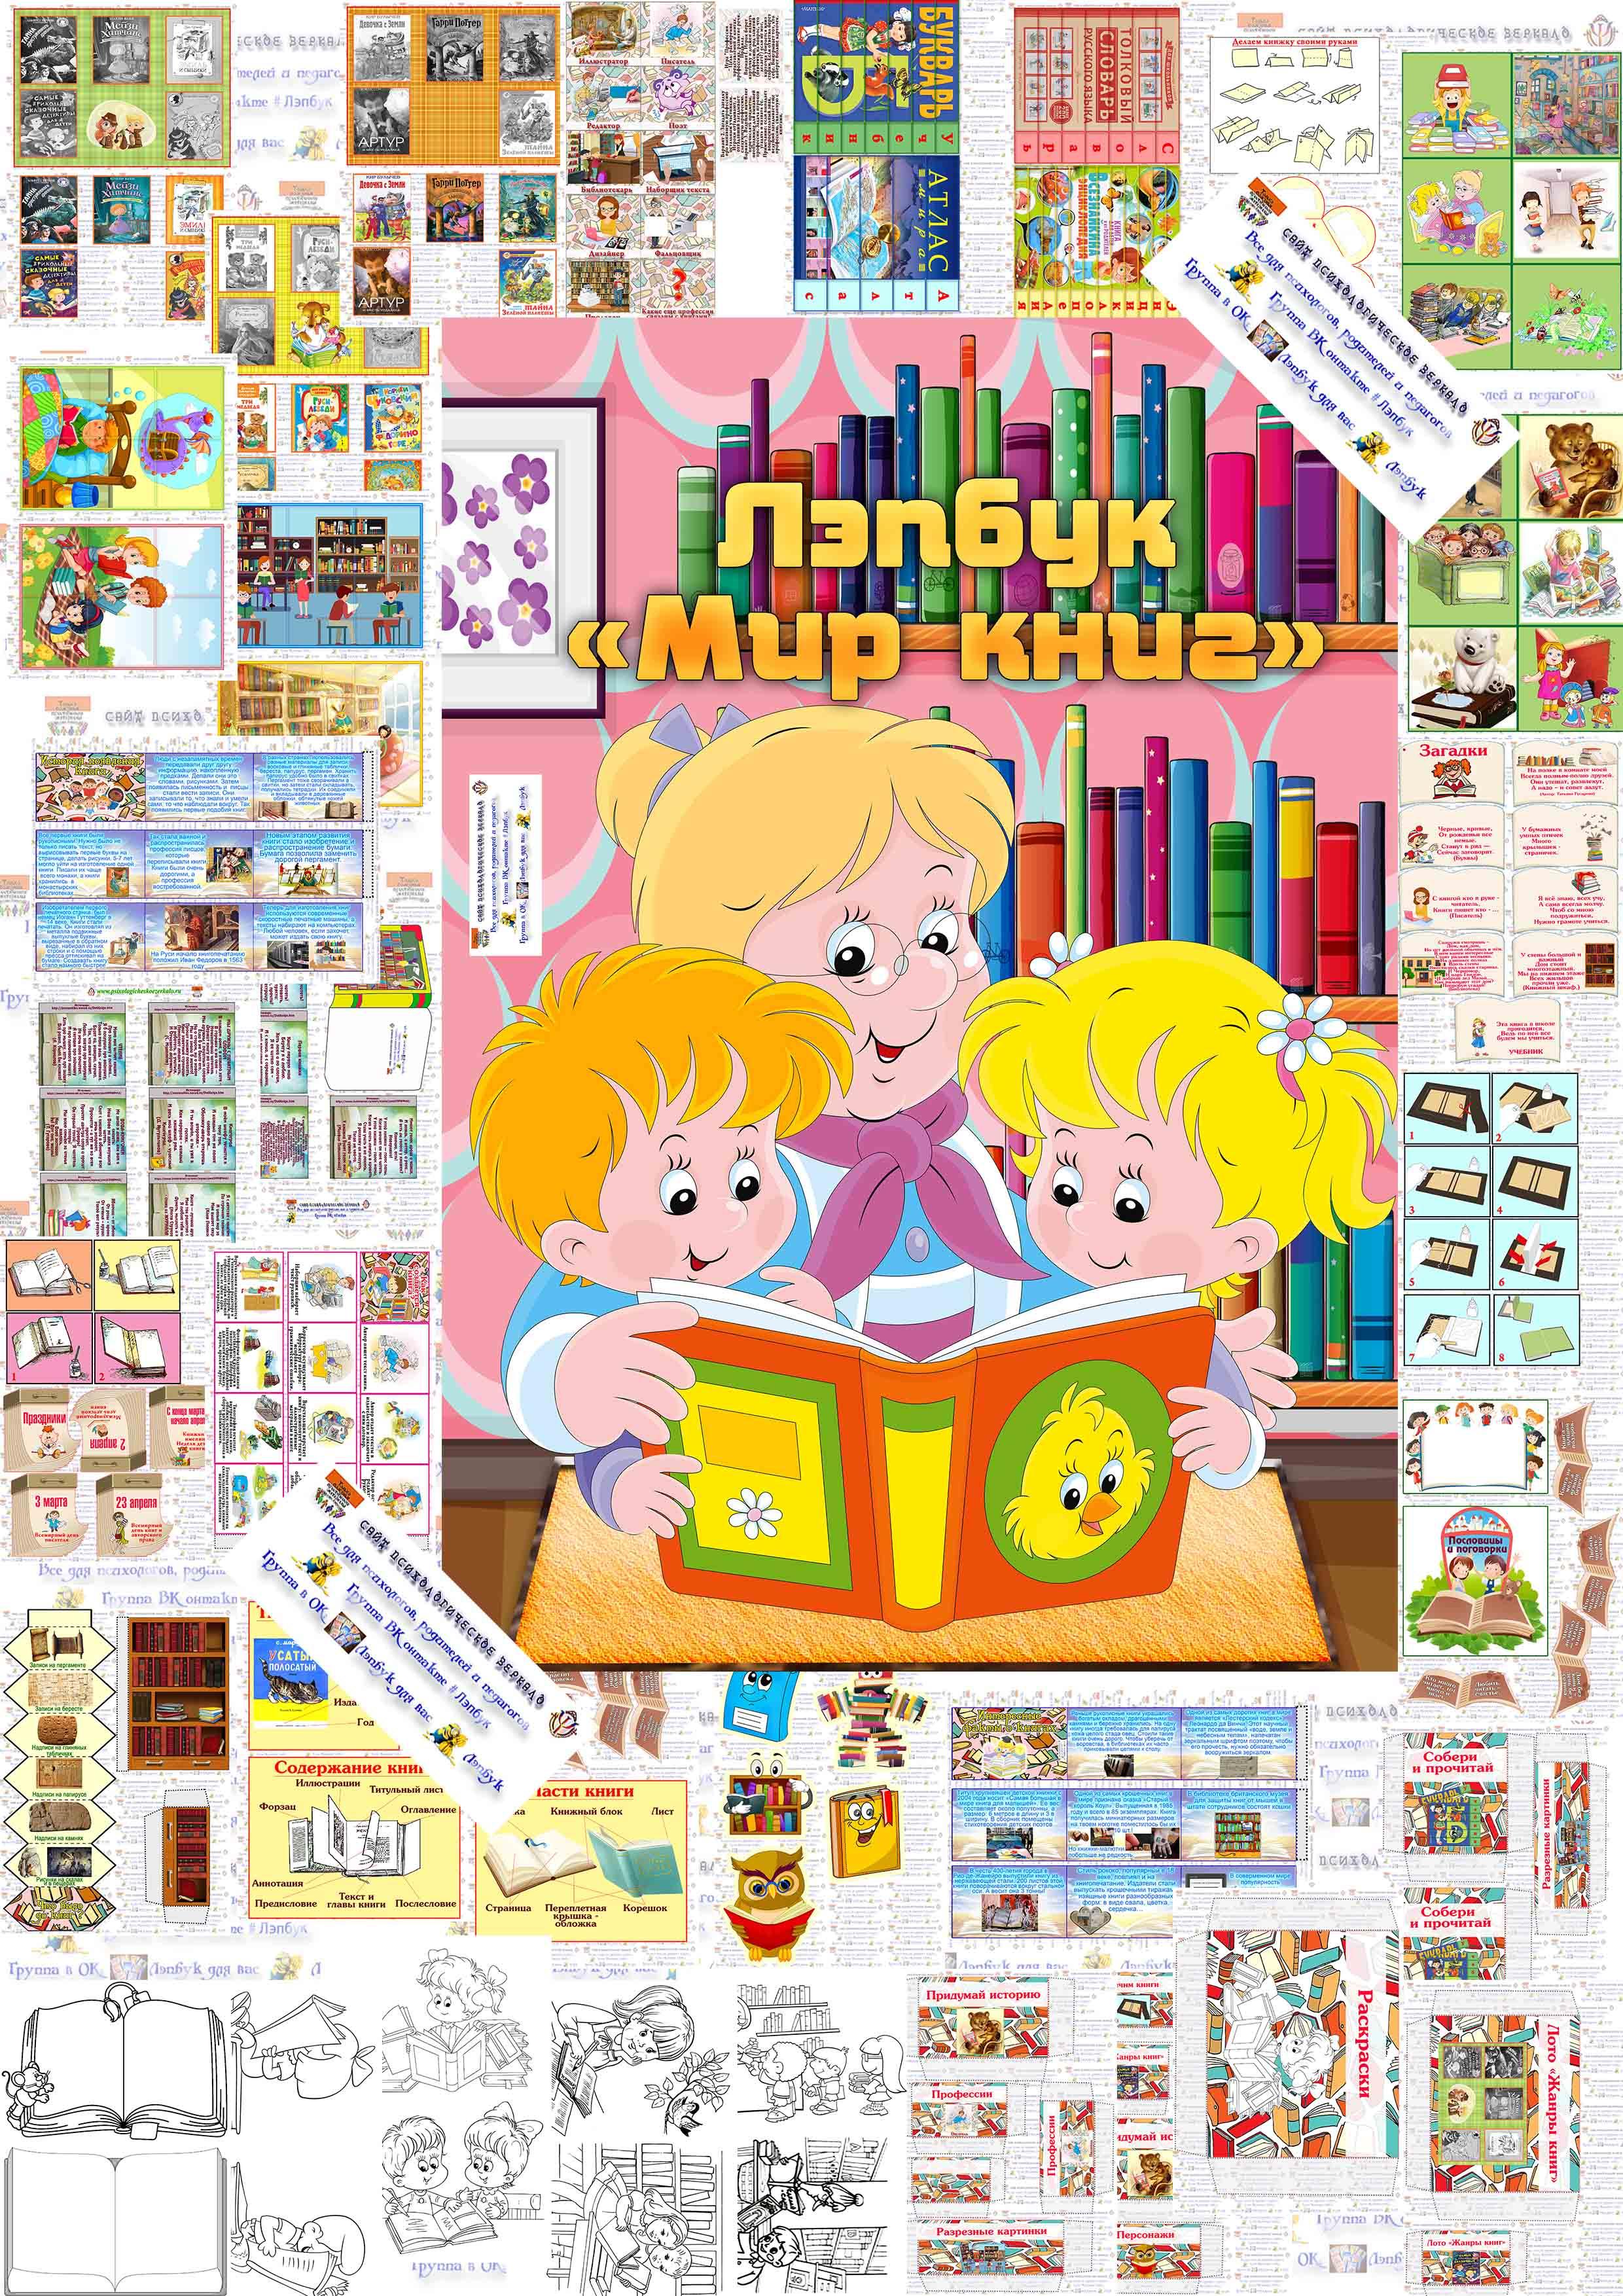 Книга, лэпбук, пословицы, загадки, стихи, лечим книгу, делаем книгу, купить, скачать